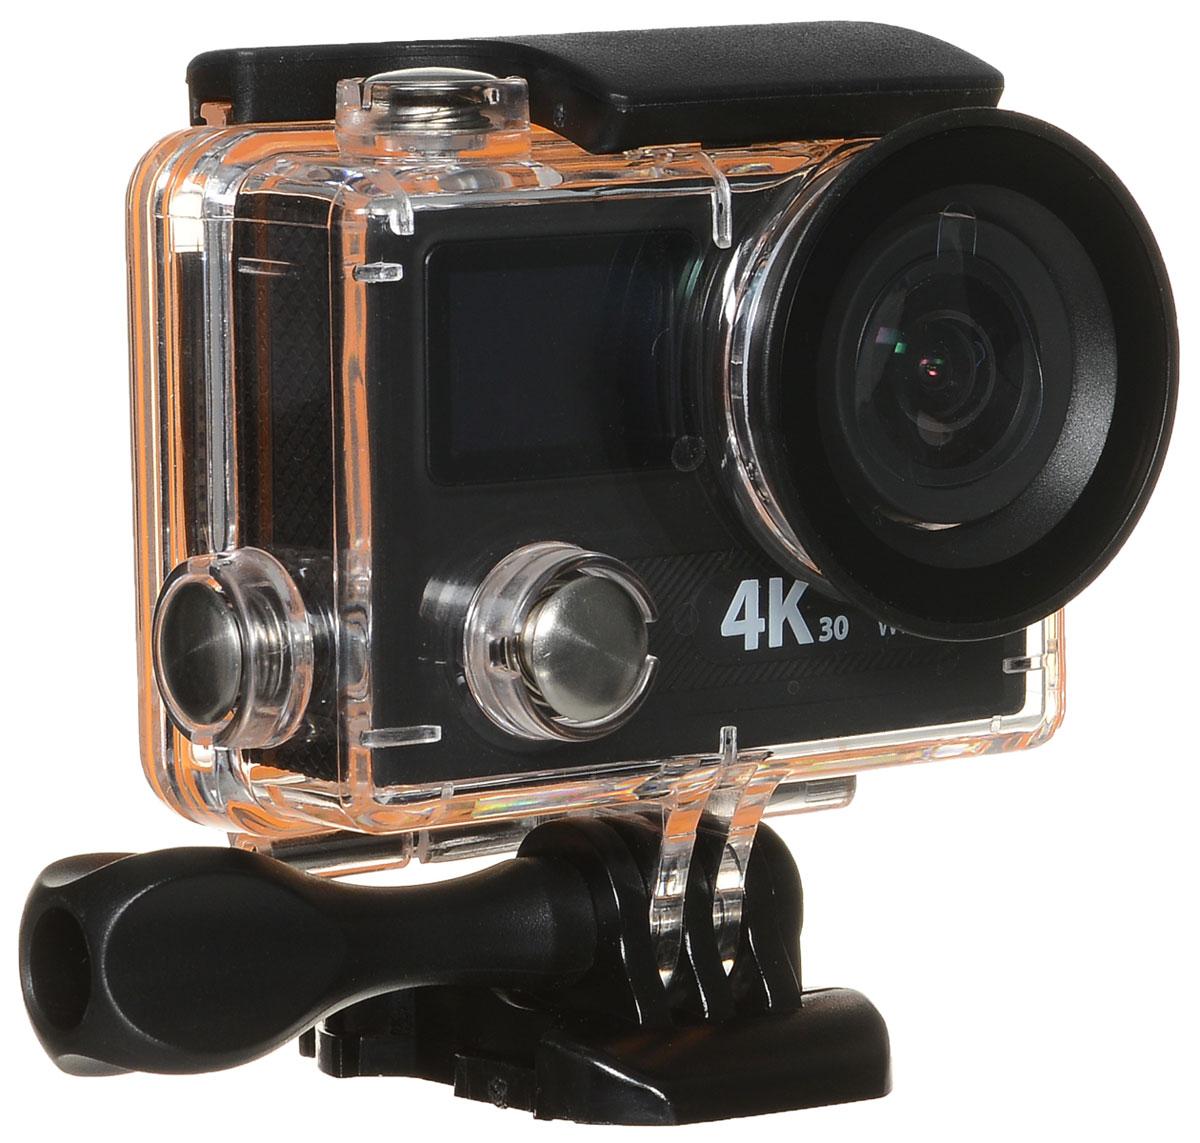 Eken H8 Ultra HD, Black экшн-камераH8Экшн-камера Eken H8 Ultra HD позволяет записывать видео с разрешением 4К и очень плавным изображением до 30 кадров в секунду. Камера имеет два дисплея: 2 TFT LCD основной экран и 0.95 OLED экран статуса (уровень заряда батареи, подключение к WiFi, режим съемки и длительность записи). Эта модель сделана для любителей спорта на улице, подводного плавания, скейтбординга, скай-дайвинга, скалолазания, бега или охоты. Снимайте с руки, на велосипеде, в машине и где угодно. По сравнению с предыдущими версиями, в Eken H8 Ultra HD вы найдете уменьшенные размеры корпуса, увеличенный до 2-х дюймов экран, невероятную оптику и фантастическое разрешение изображения при съемке 30 кадров в секунду! Управляйте вашей H8 на своем смартфоне или планшете. Приложение Ez iCam App позволяет работать с браузером и наблюдать все то, что видит ваша камера.